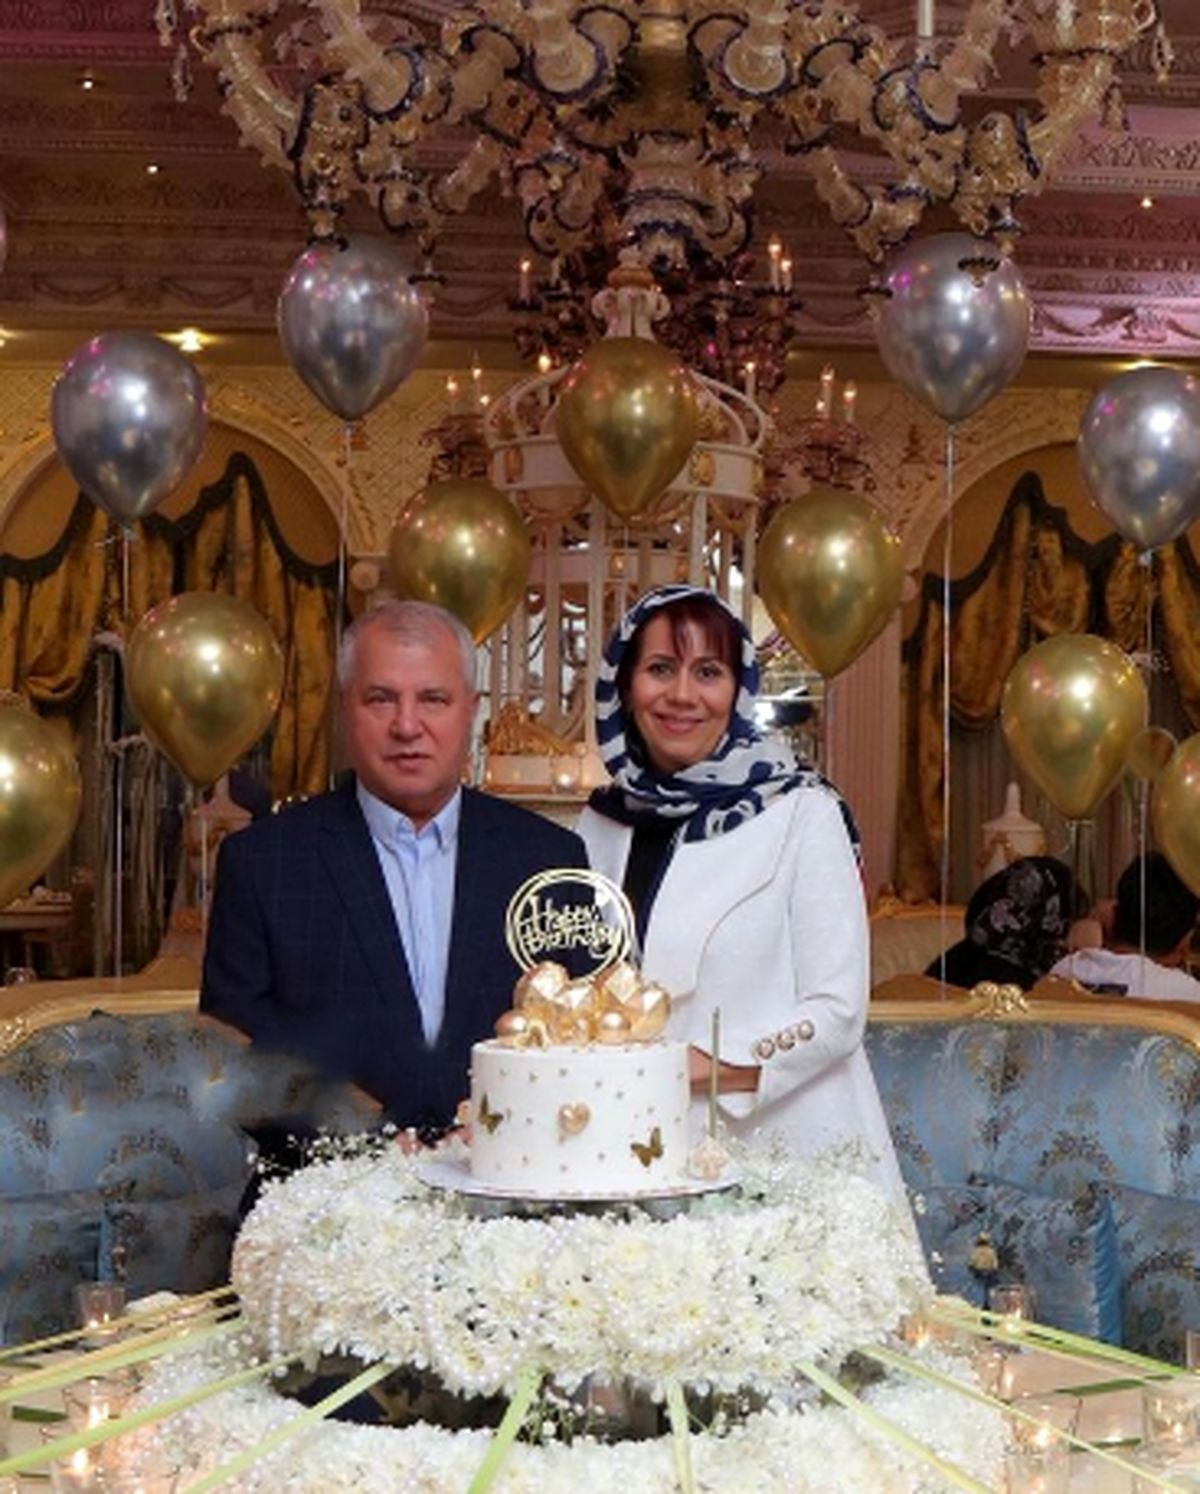 سالگرد ازدواج علی پروین در تالار مجلل تهران   علی پروین عکس همسرش را منتشر کرد